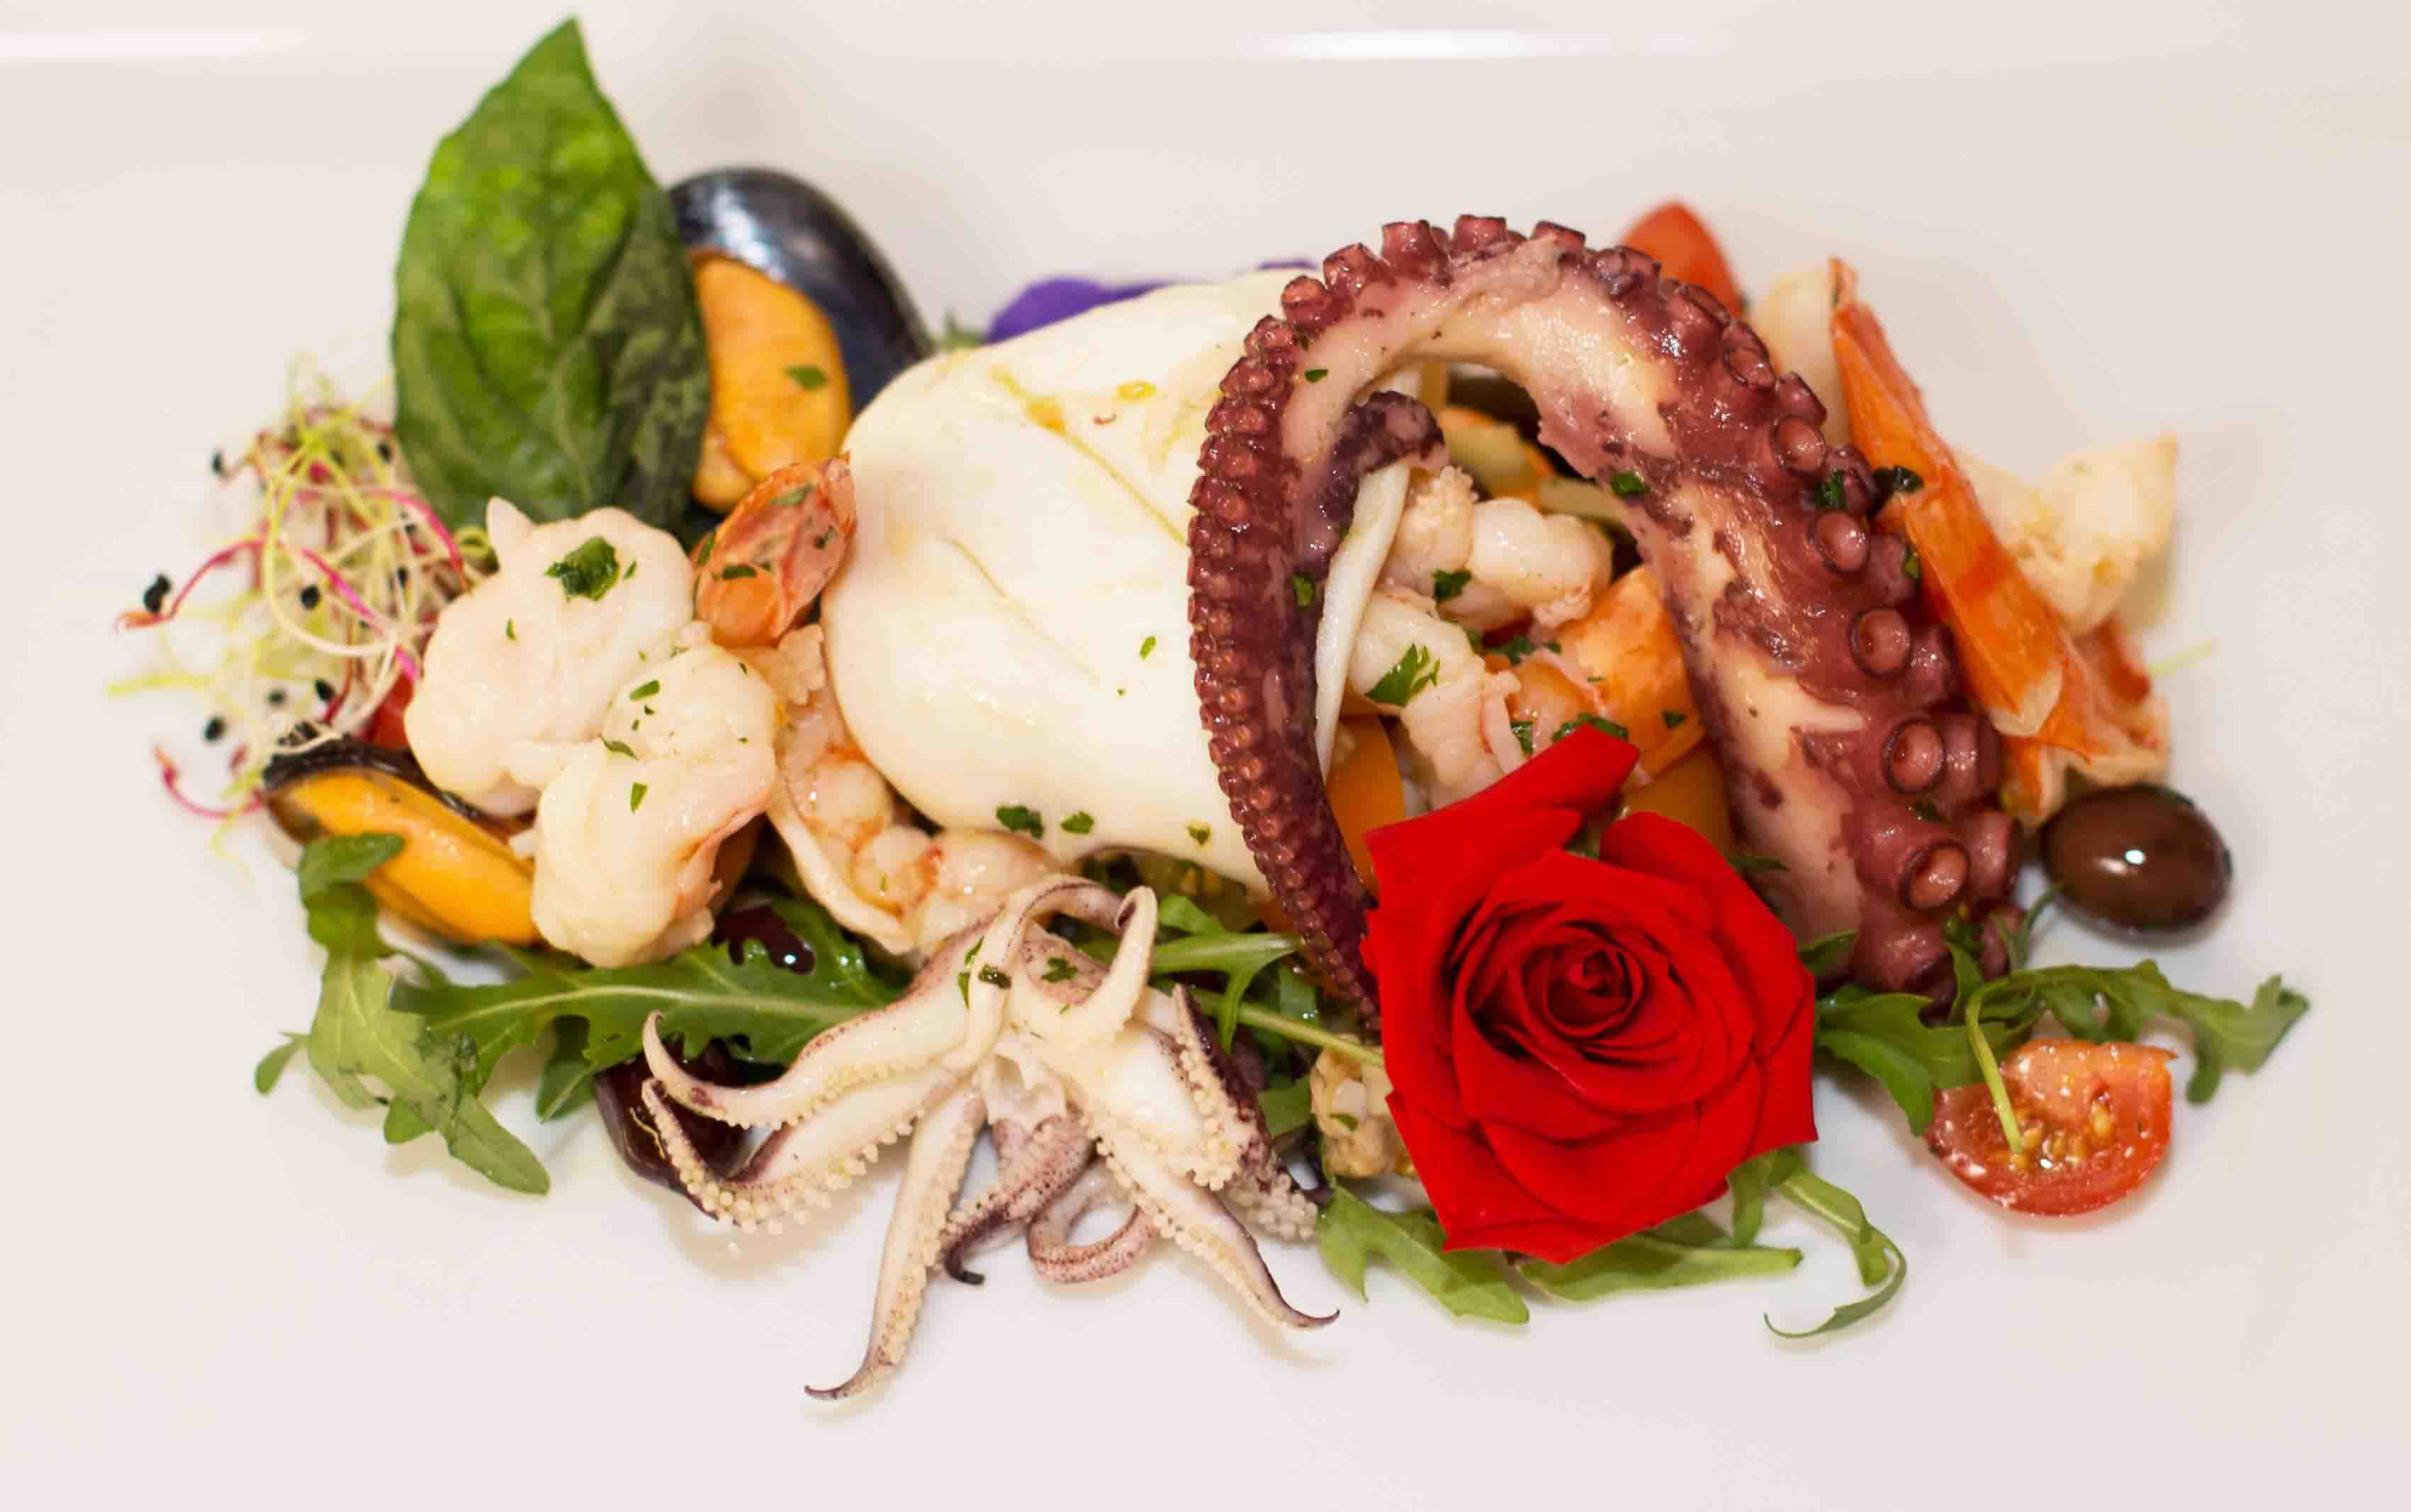 spizzicoteca-michelangelo-ristorante-lugano-pizza-pesce